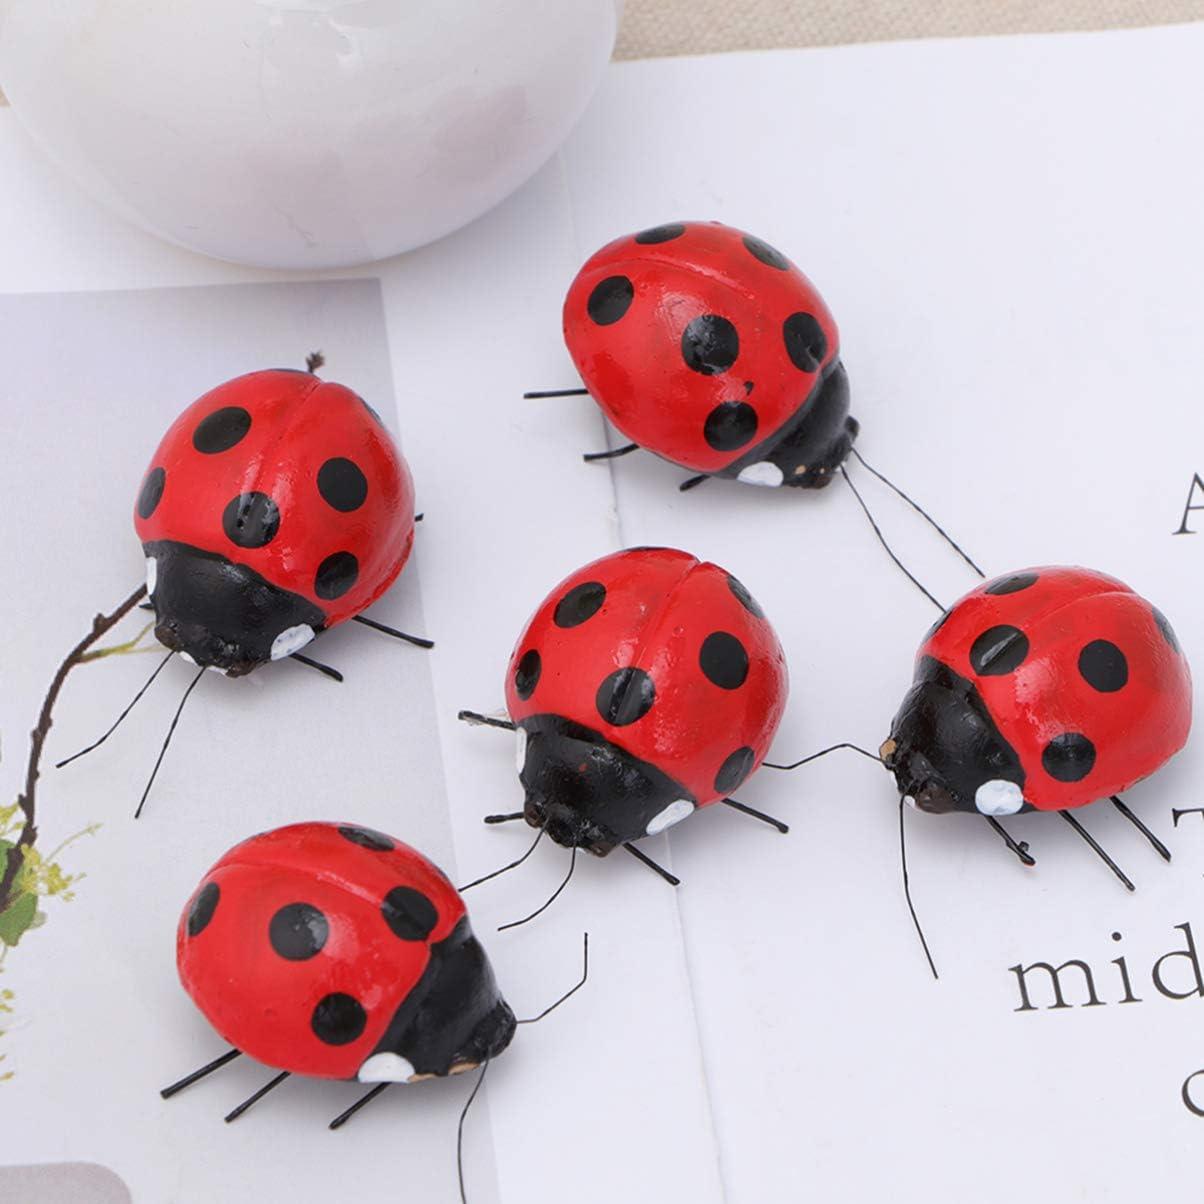 NUOBESTY Ladybug Refrigerator Magnets Decorative Fridge Magnets for Office Kitchen 5 Pcs